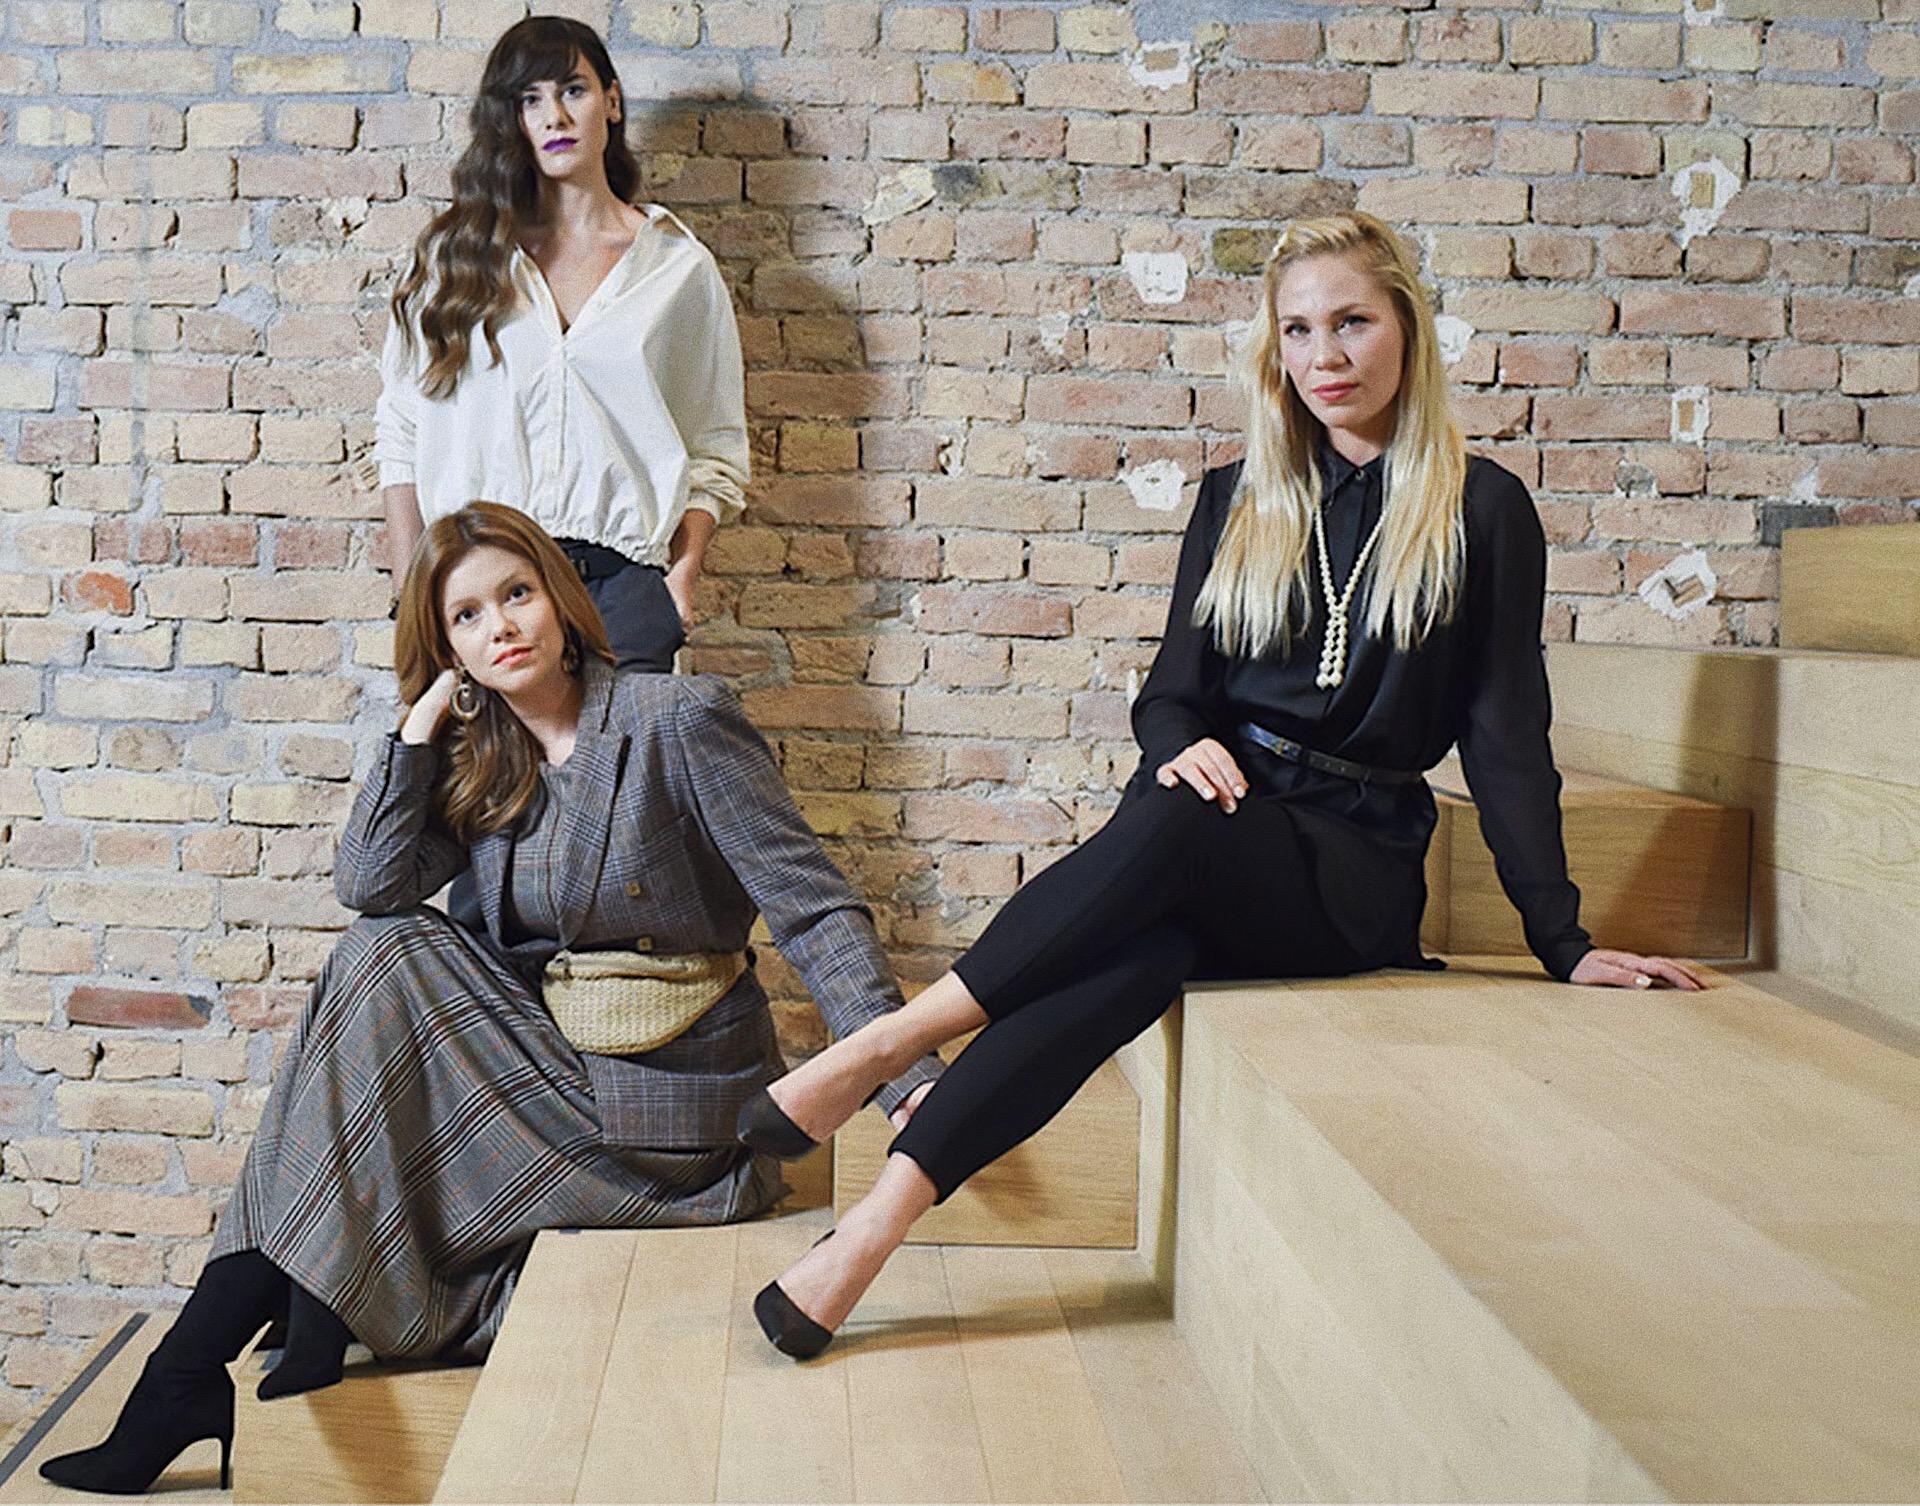 Šesto 'Čitanje NJE' projekta '6 glumica traži autora' u Bjelovaru